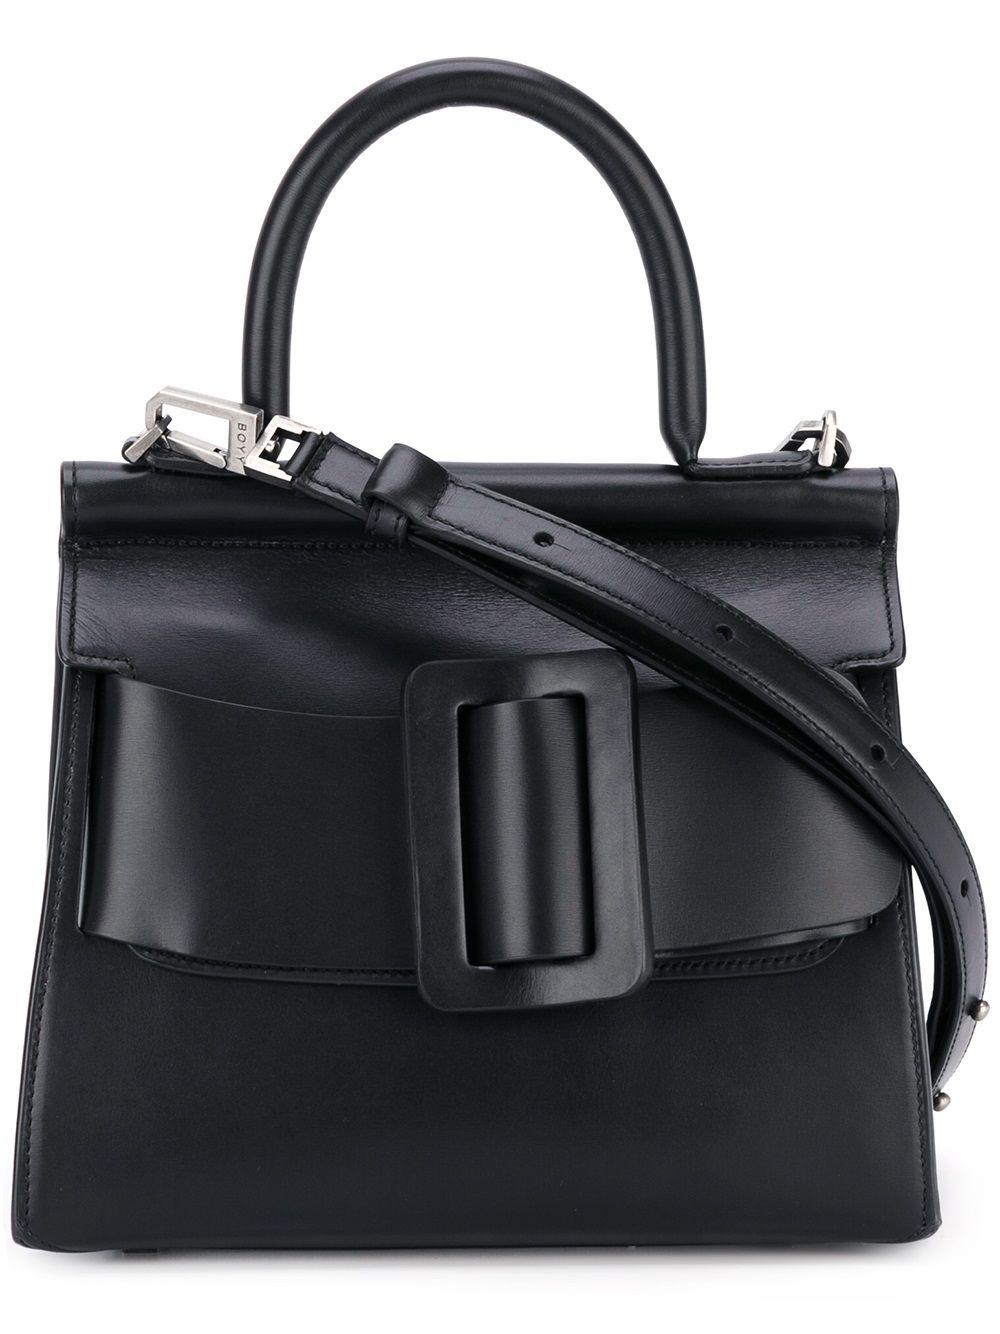 Karl Leather Handbag